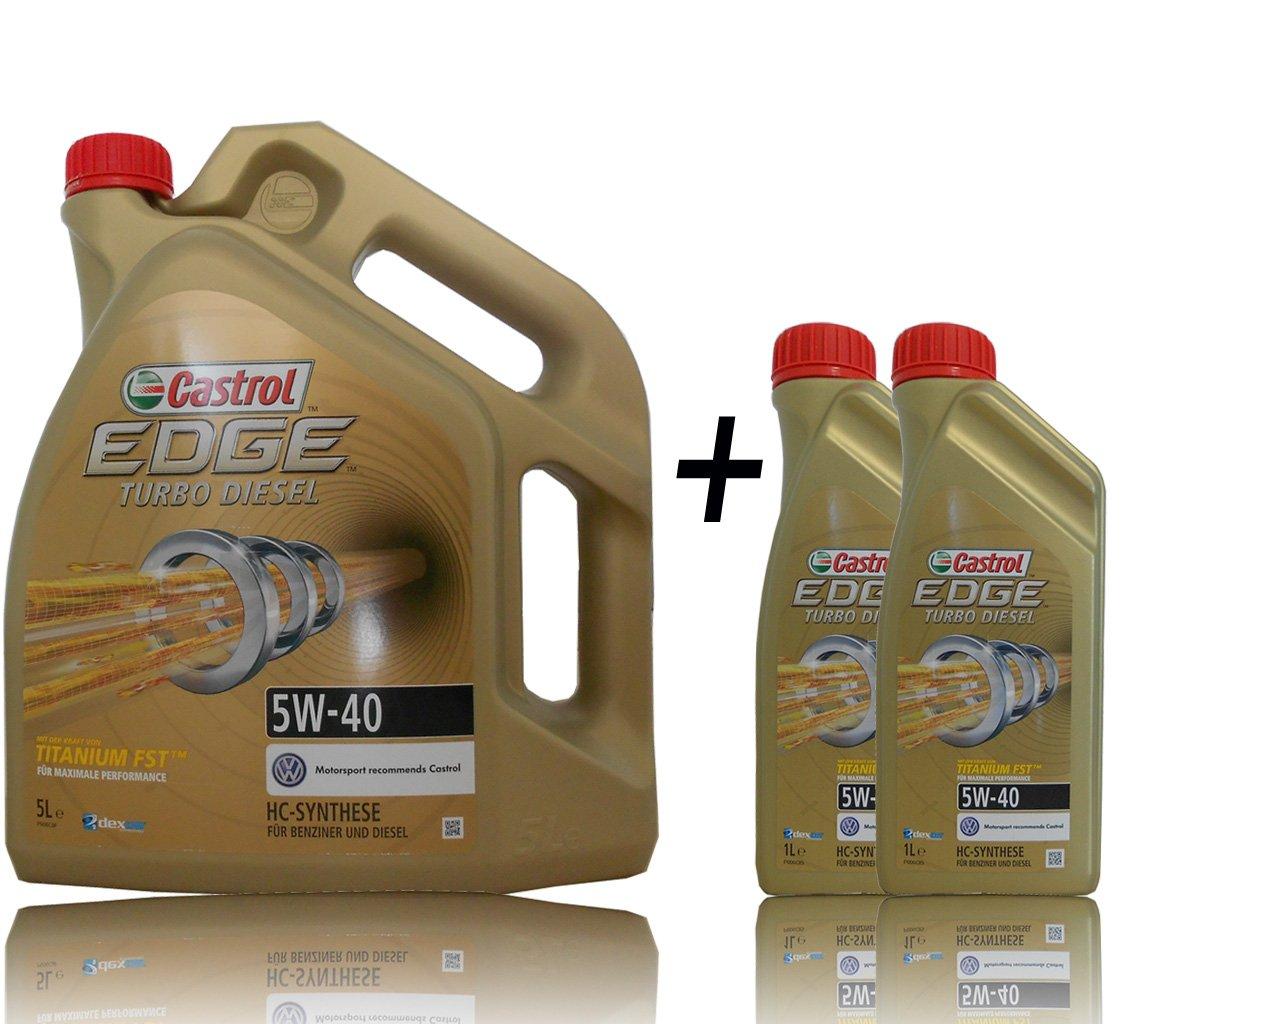 2 x 1 l + 5 l=7 litros Castrol Edge Titanium fsttm Turbo Diesel 5 W de 40 del motor de aceite motores de aceite Incluye Castrol ölwechsel de colgante; ...